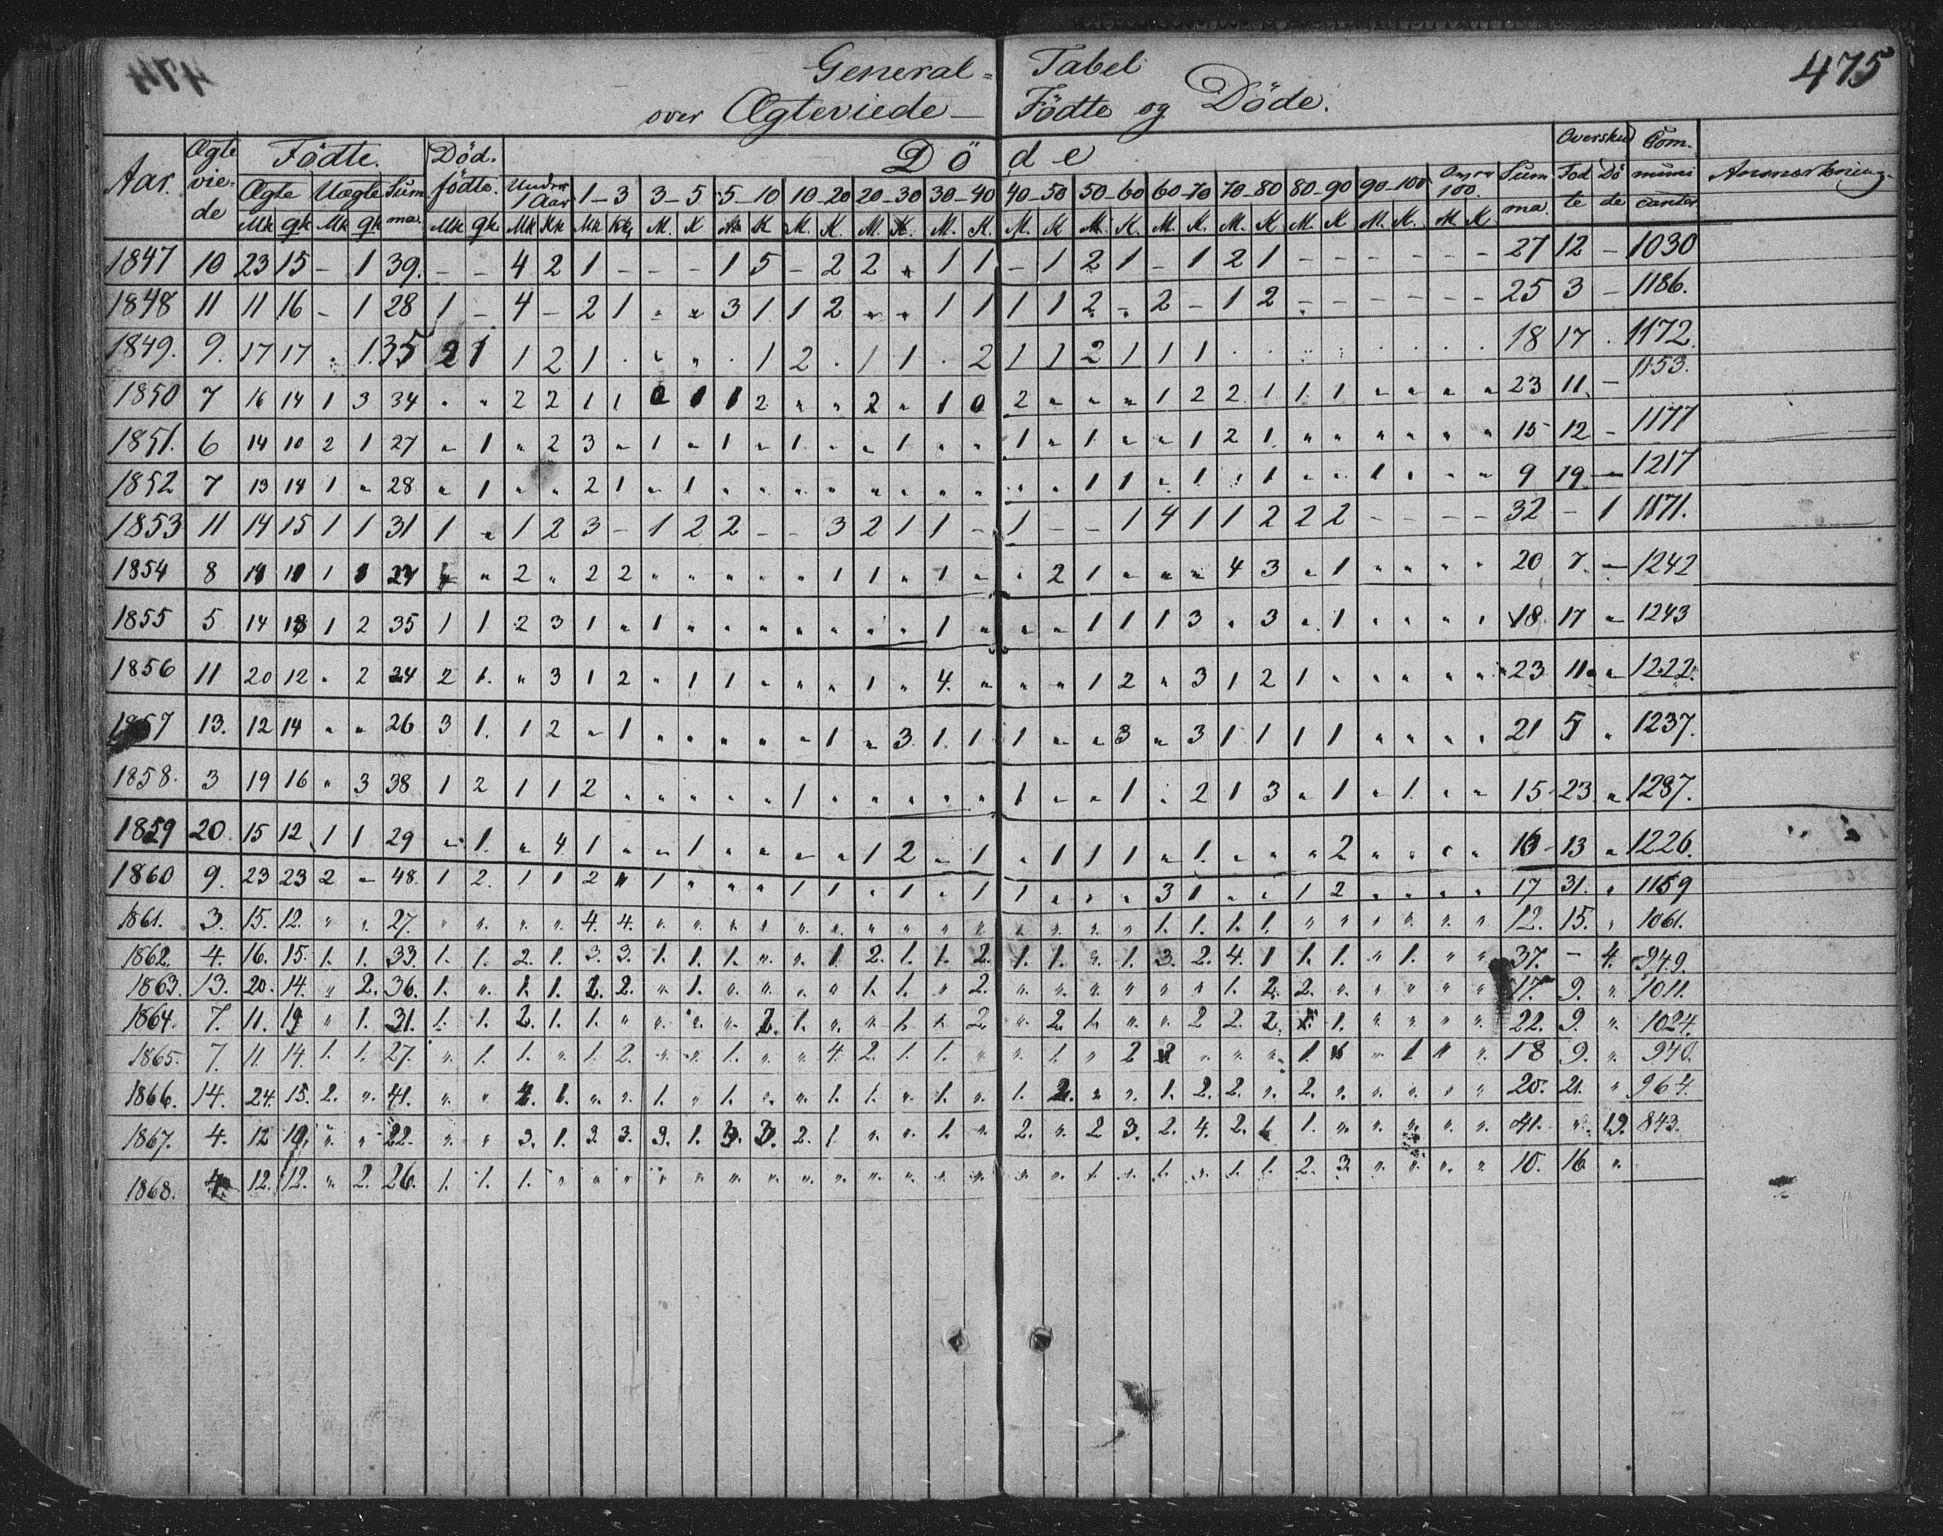 SAKO, Siljan kirkebøker, F/Fa/L0001: Ministerialbok nr. 1, 1831-1870, s. 475